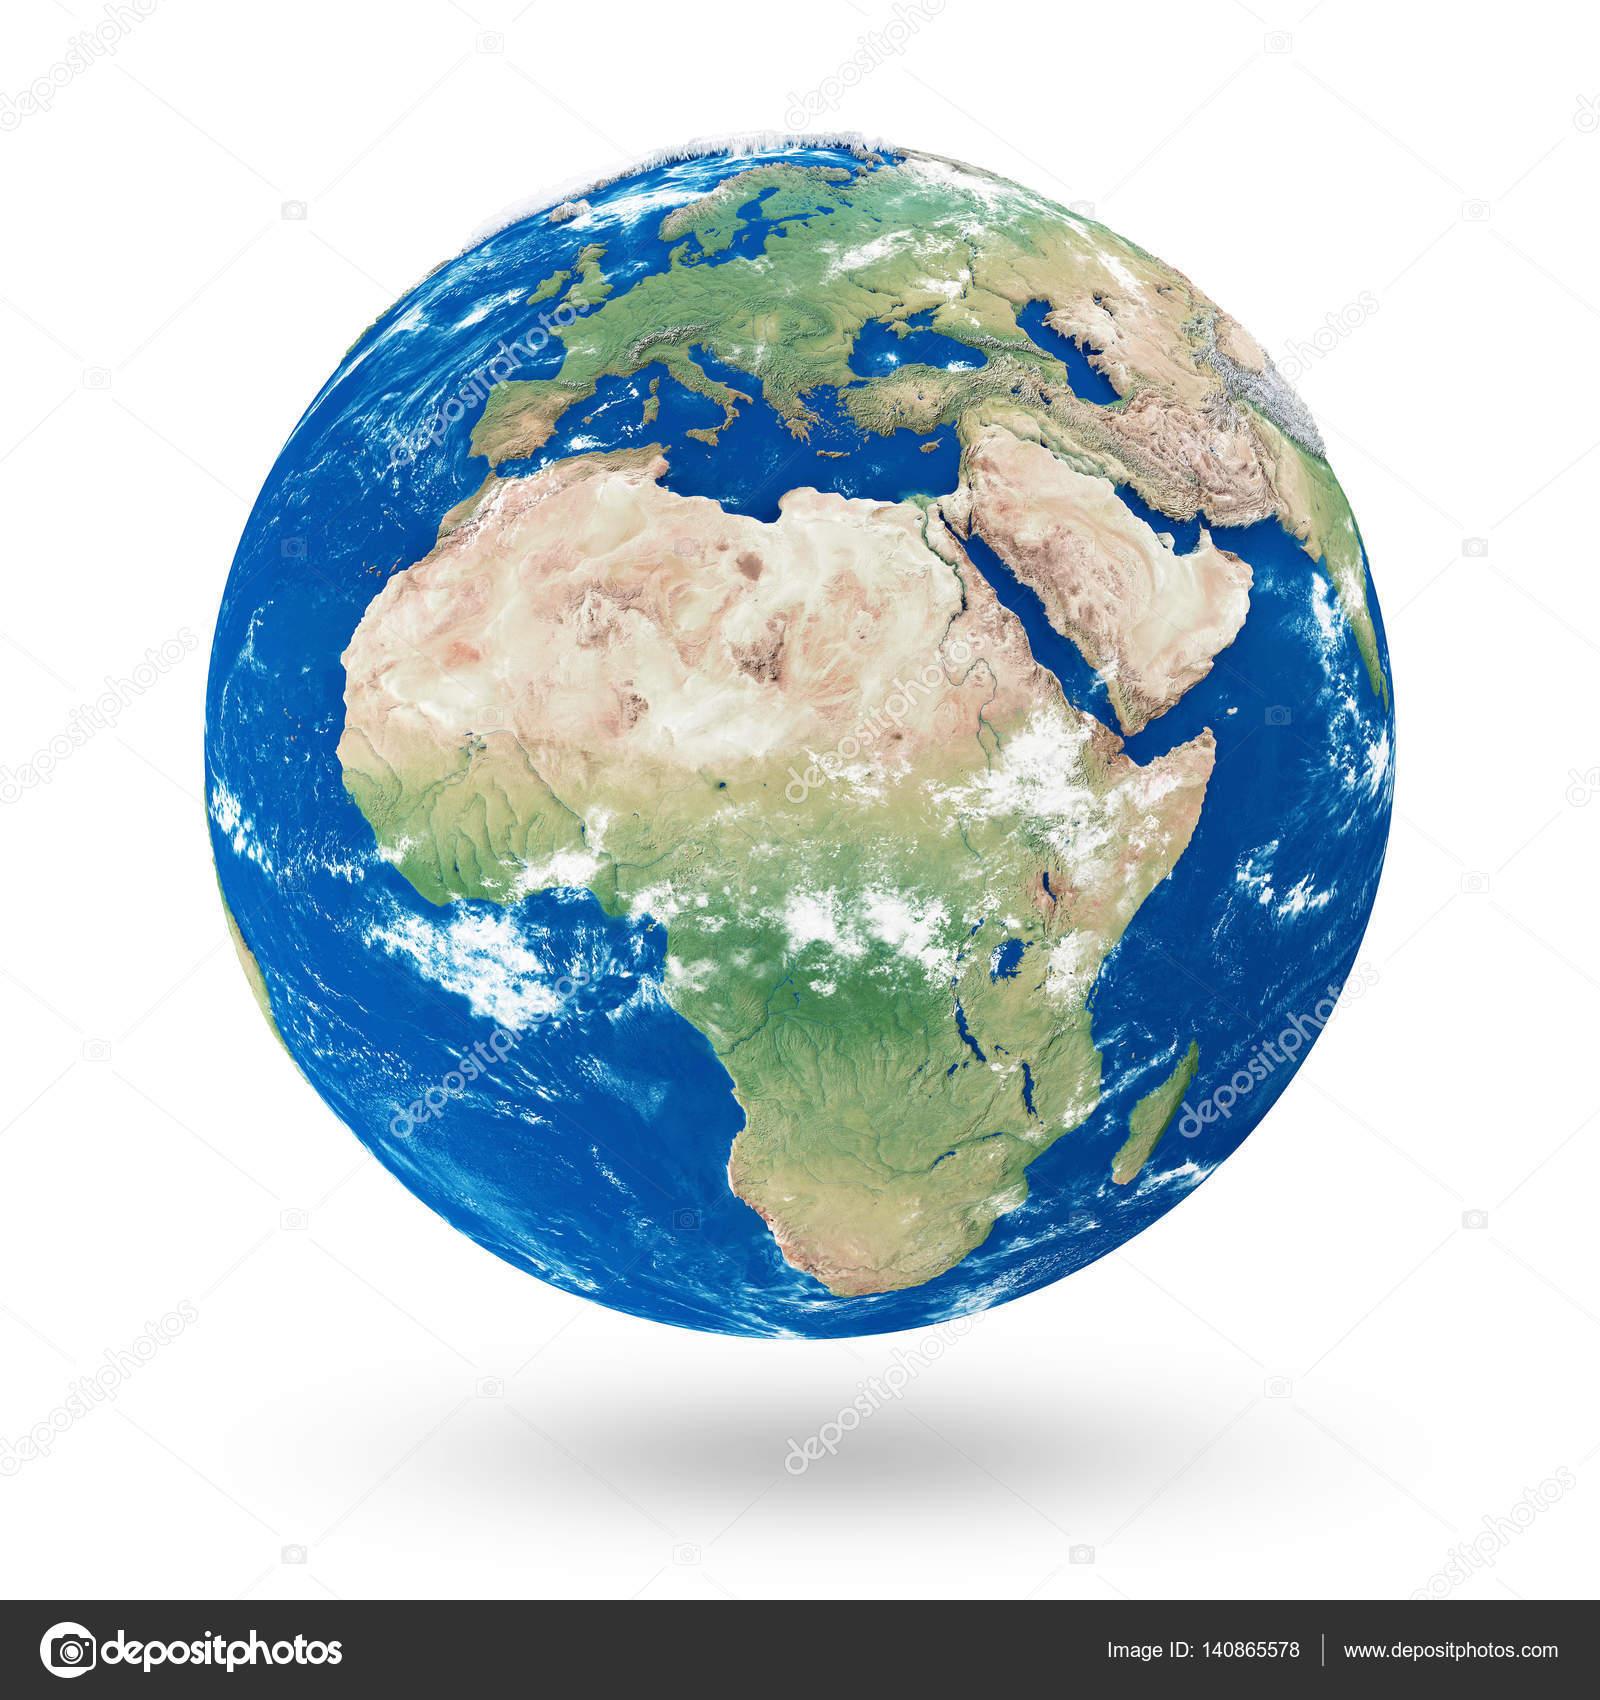 continent de pangaea sur plan te terre photographie ras slava 140865578. Black Bedroom Furniture Sets. Home Design Ideas